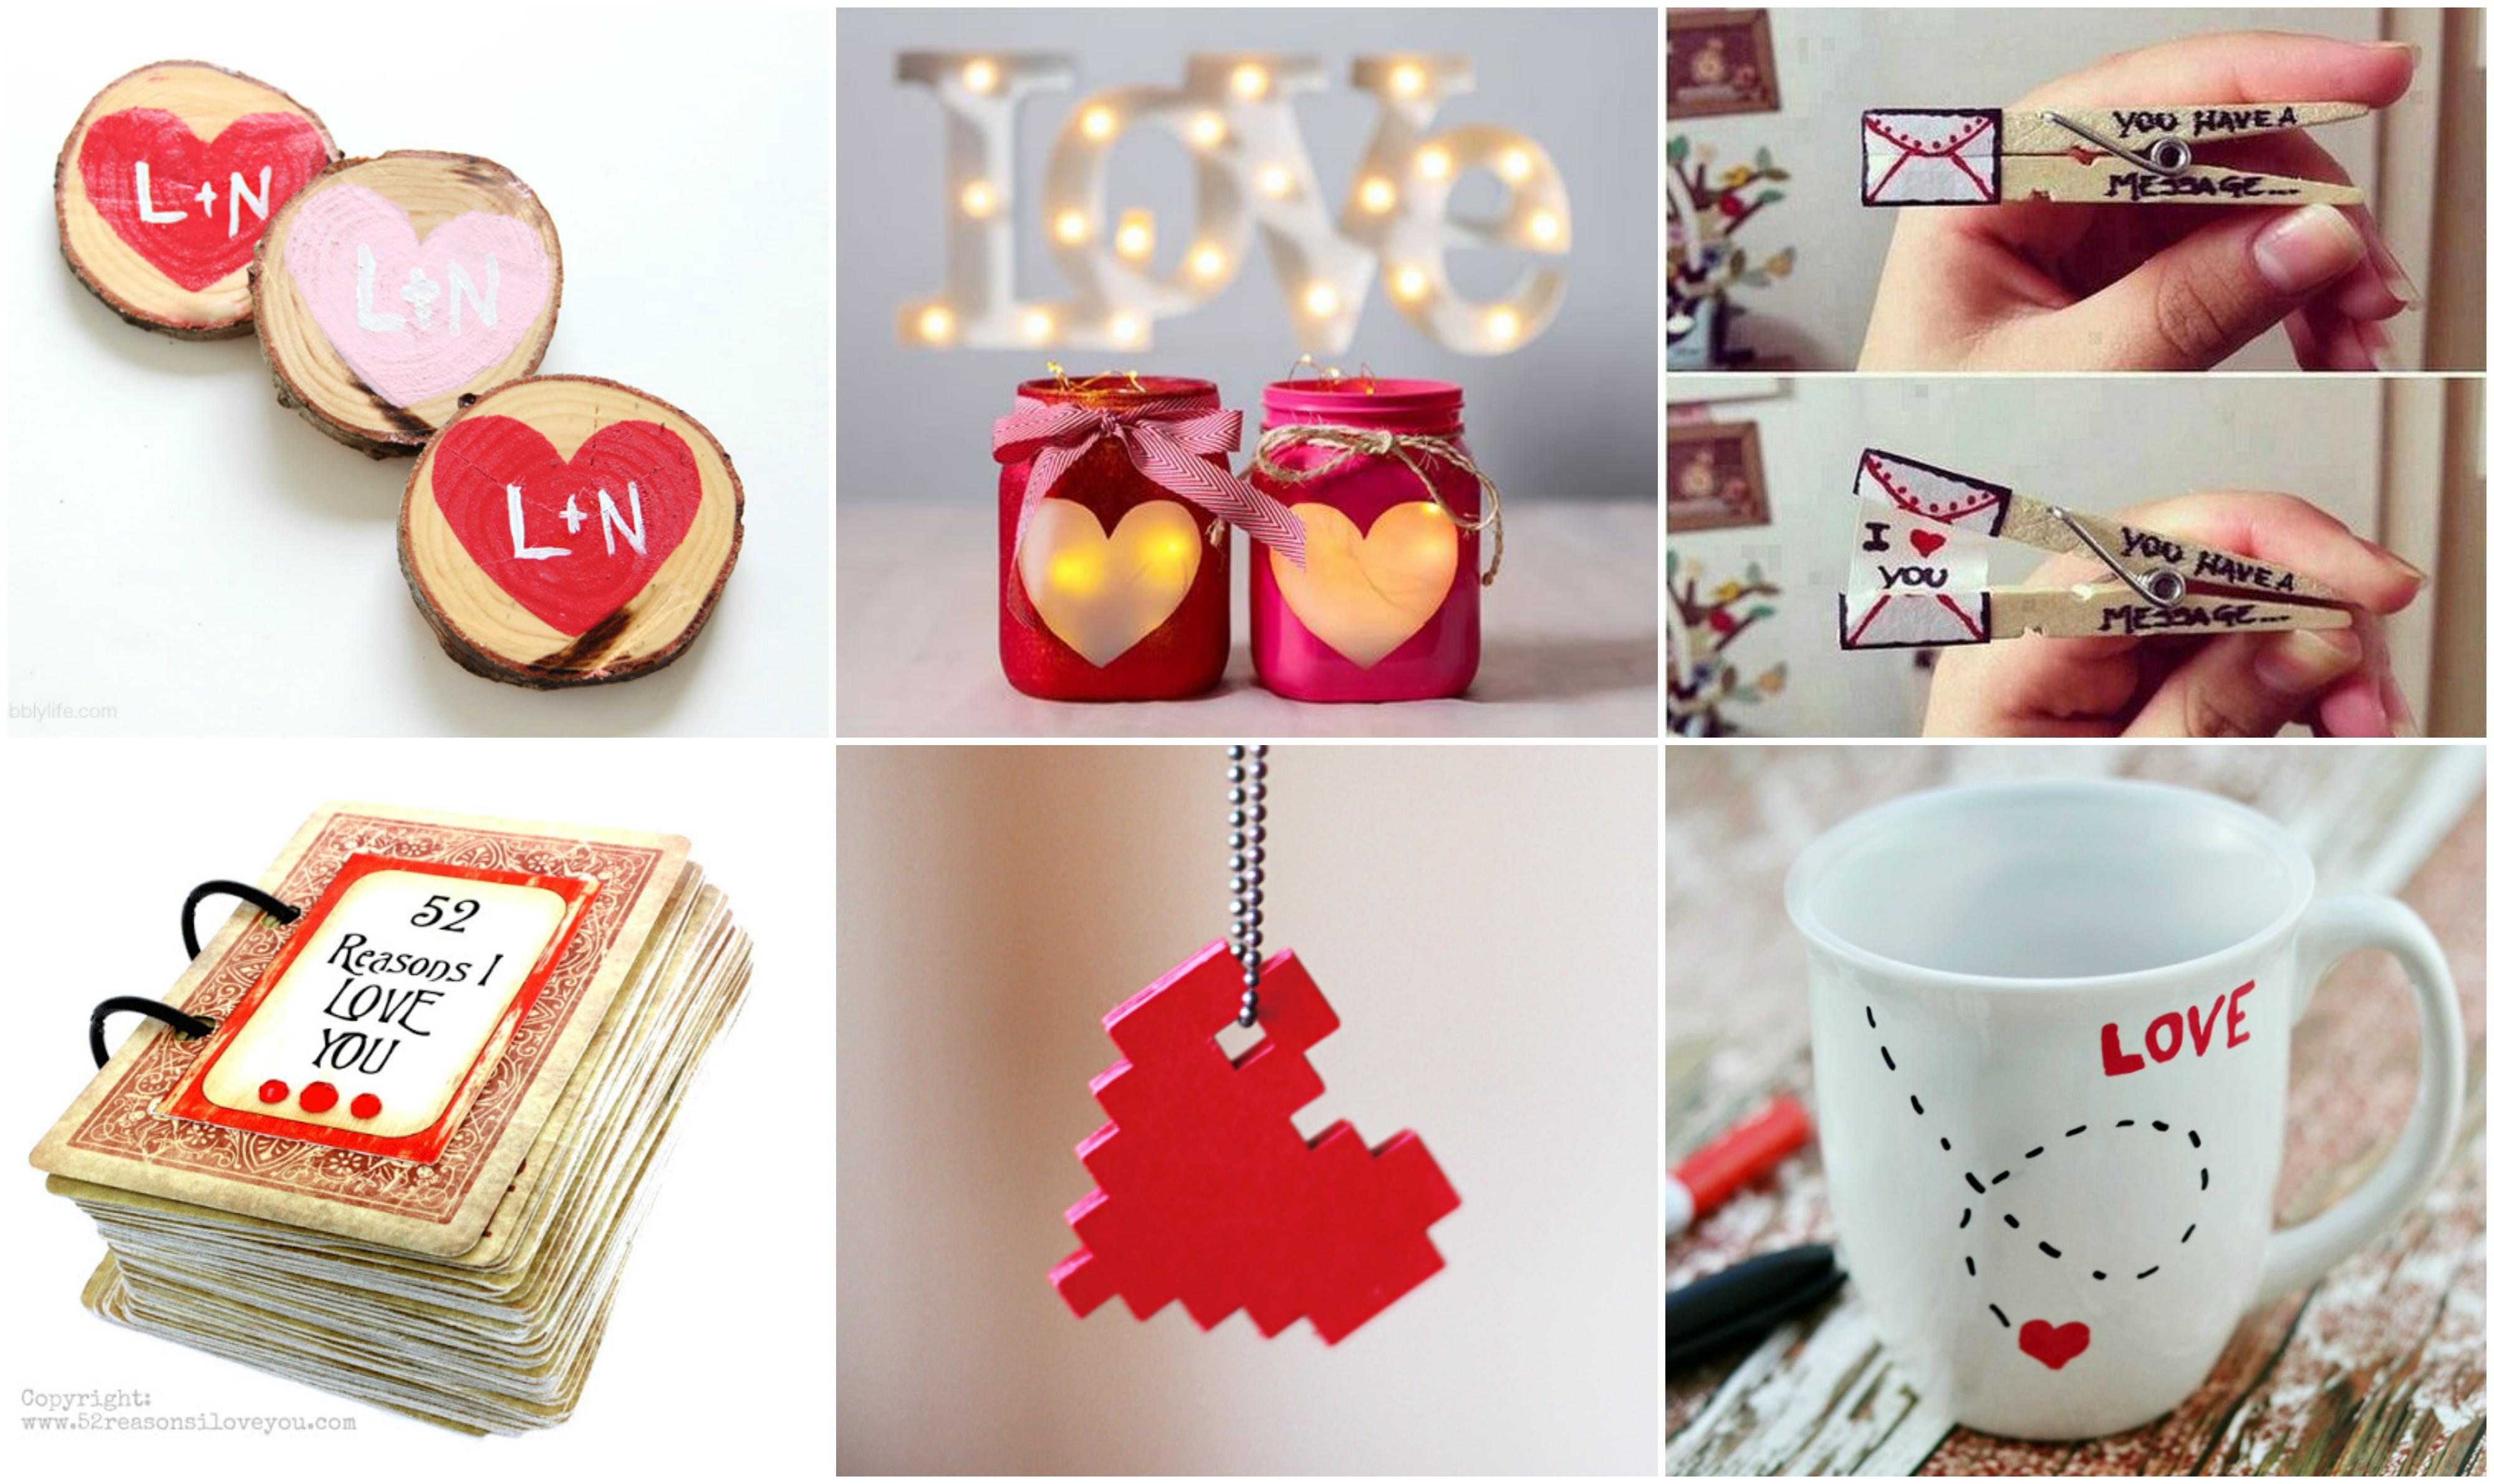 Diy Geschenke Last Minute  15 Last Minute DIY Geschenke zum VALENTINSTAG für eure